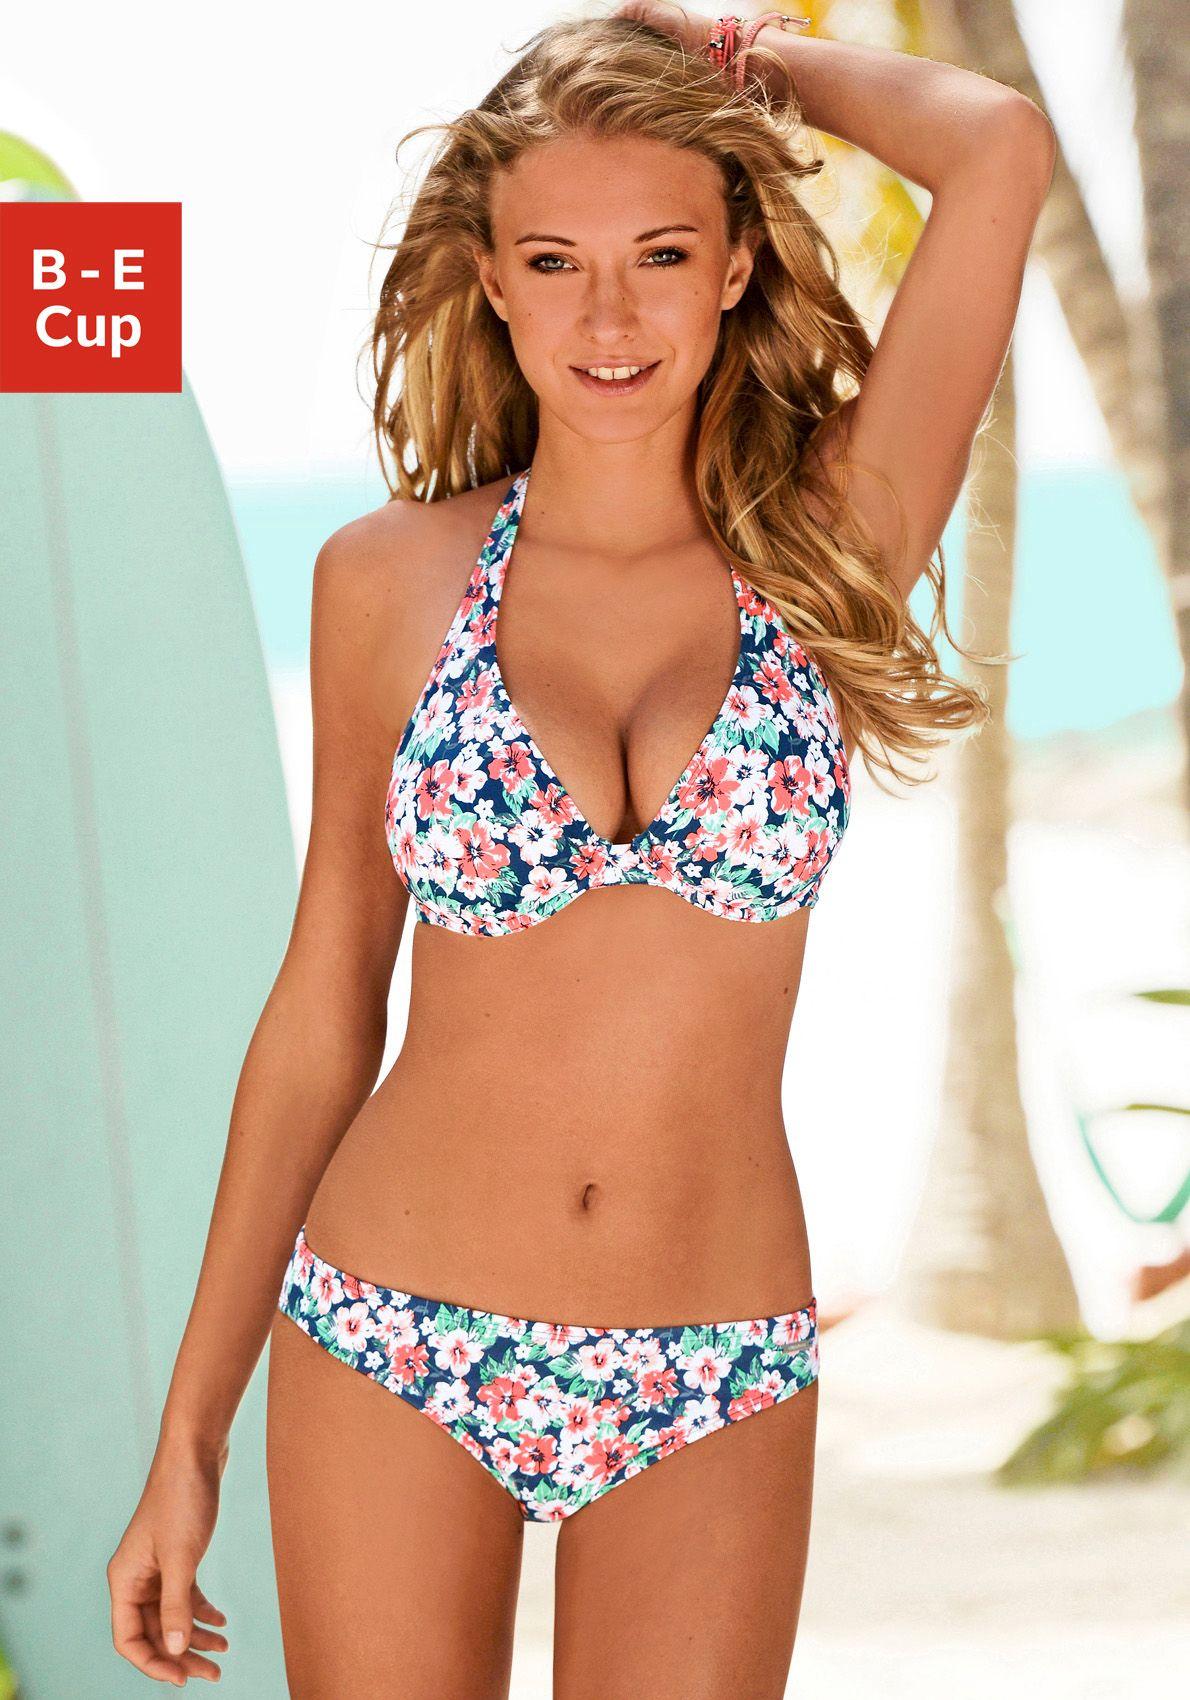 CHIEMSEE Chiemsee Bügel-Bikini im schönen Blumenprint